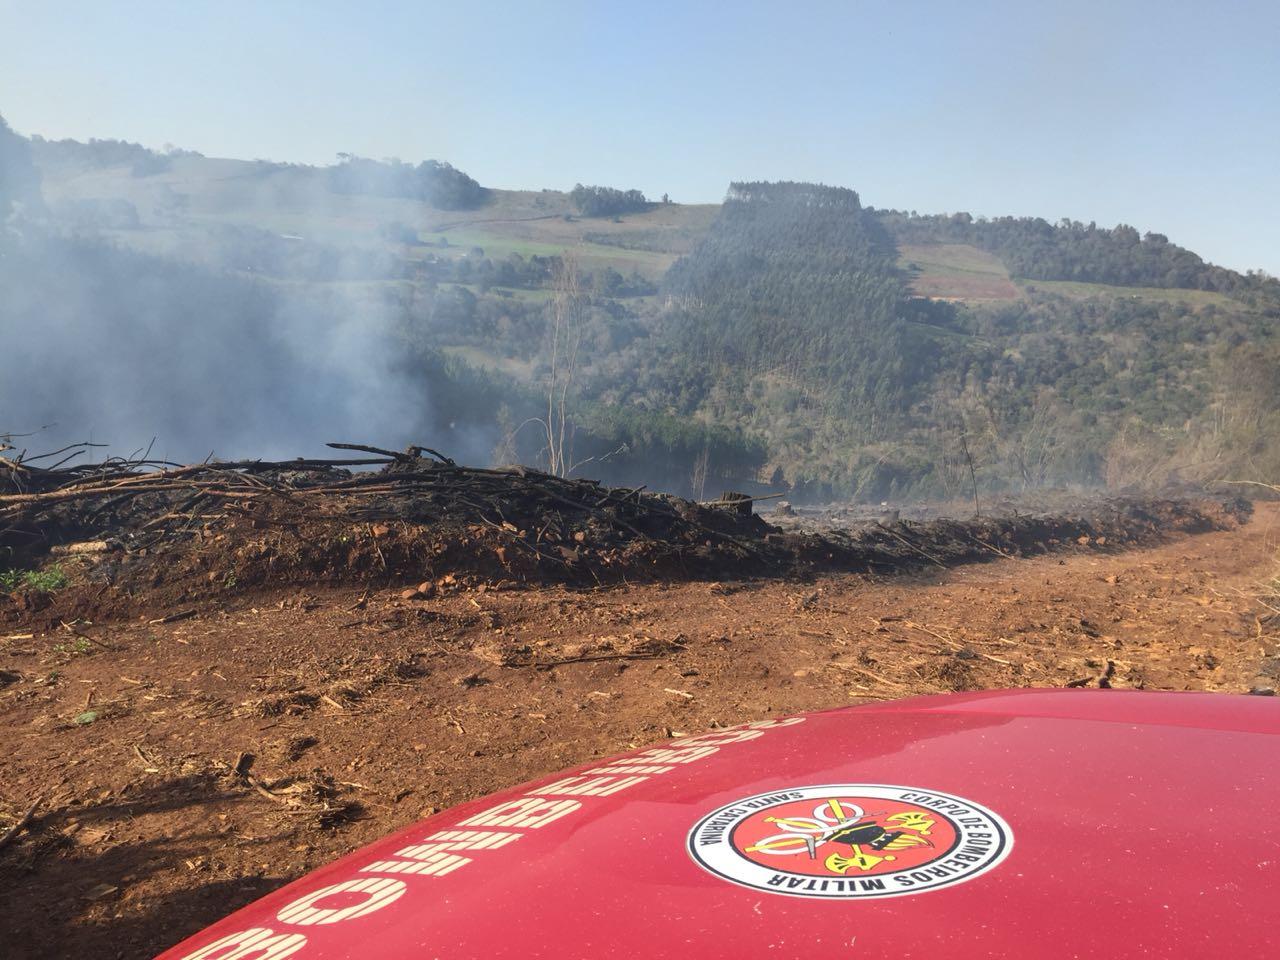 Cerca de dez bombeiros combatem fogo em área de reflorestamento